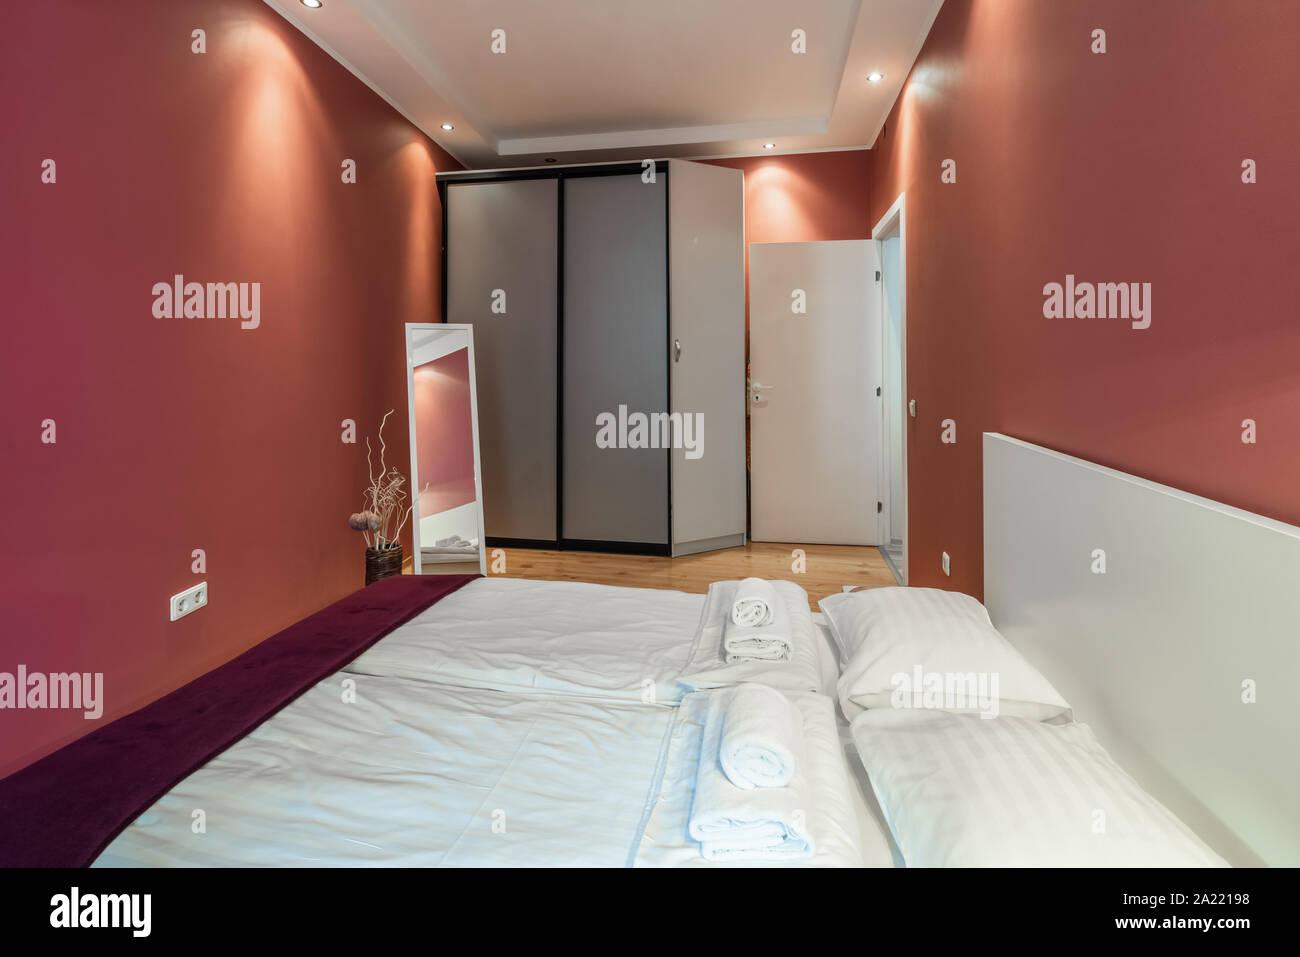 Modern bedroom in scarlet tones. Floor mirror. Stock Photo